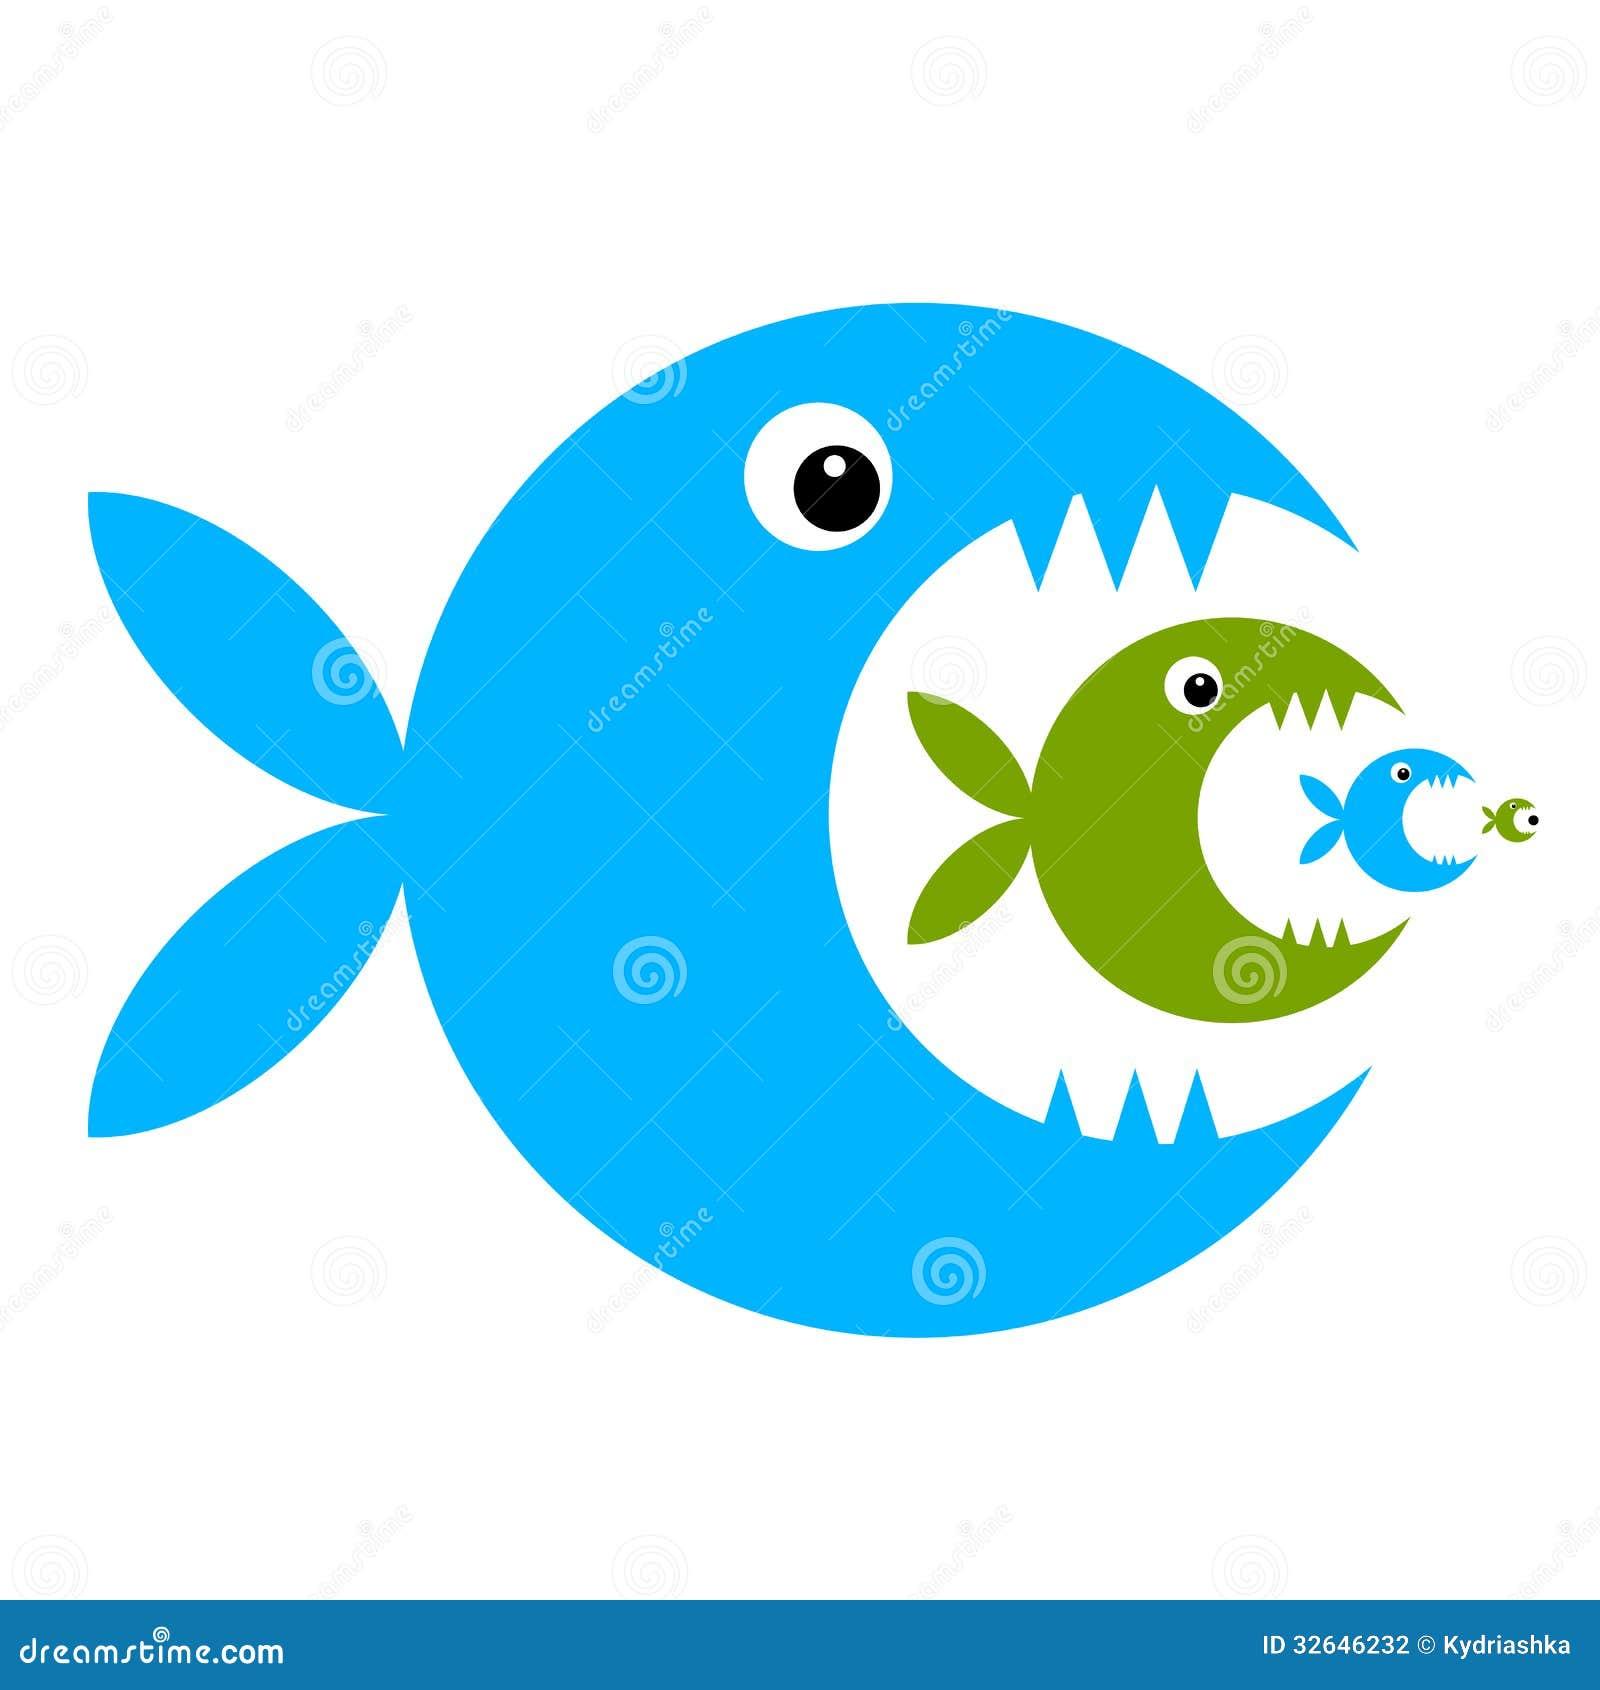 Αστεία κινούμενα σχέδια ψαριών για το σχέδιό σας